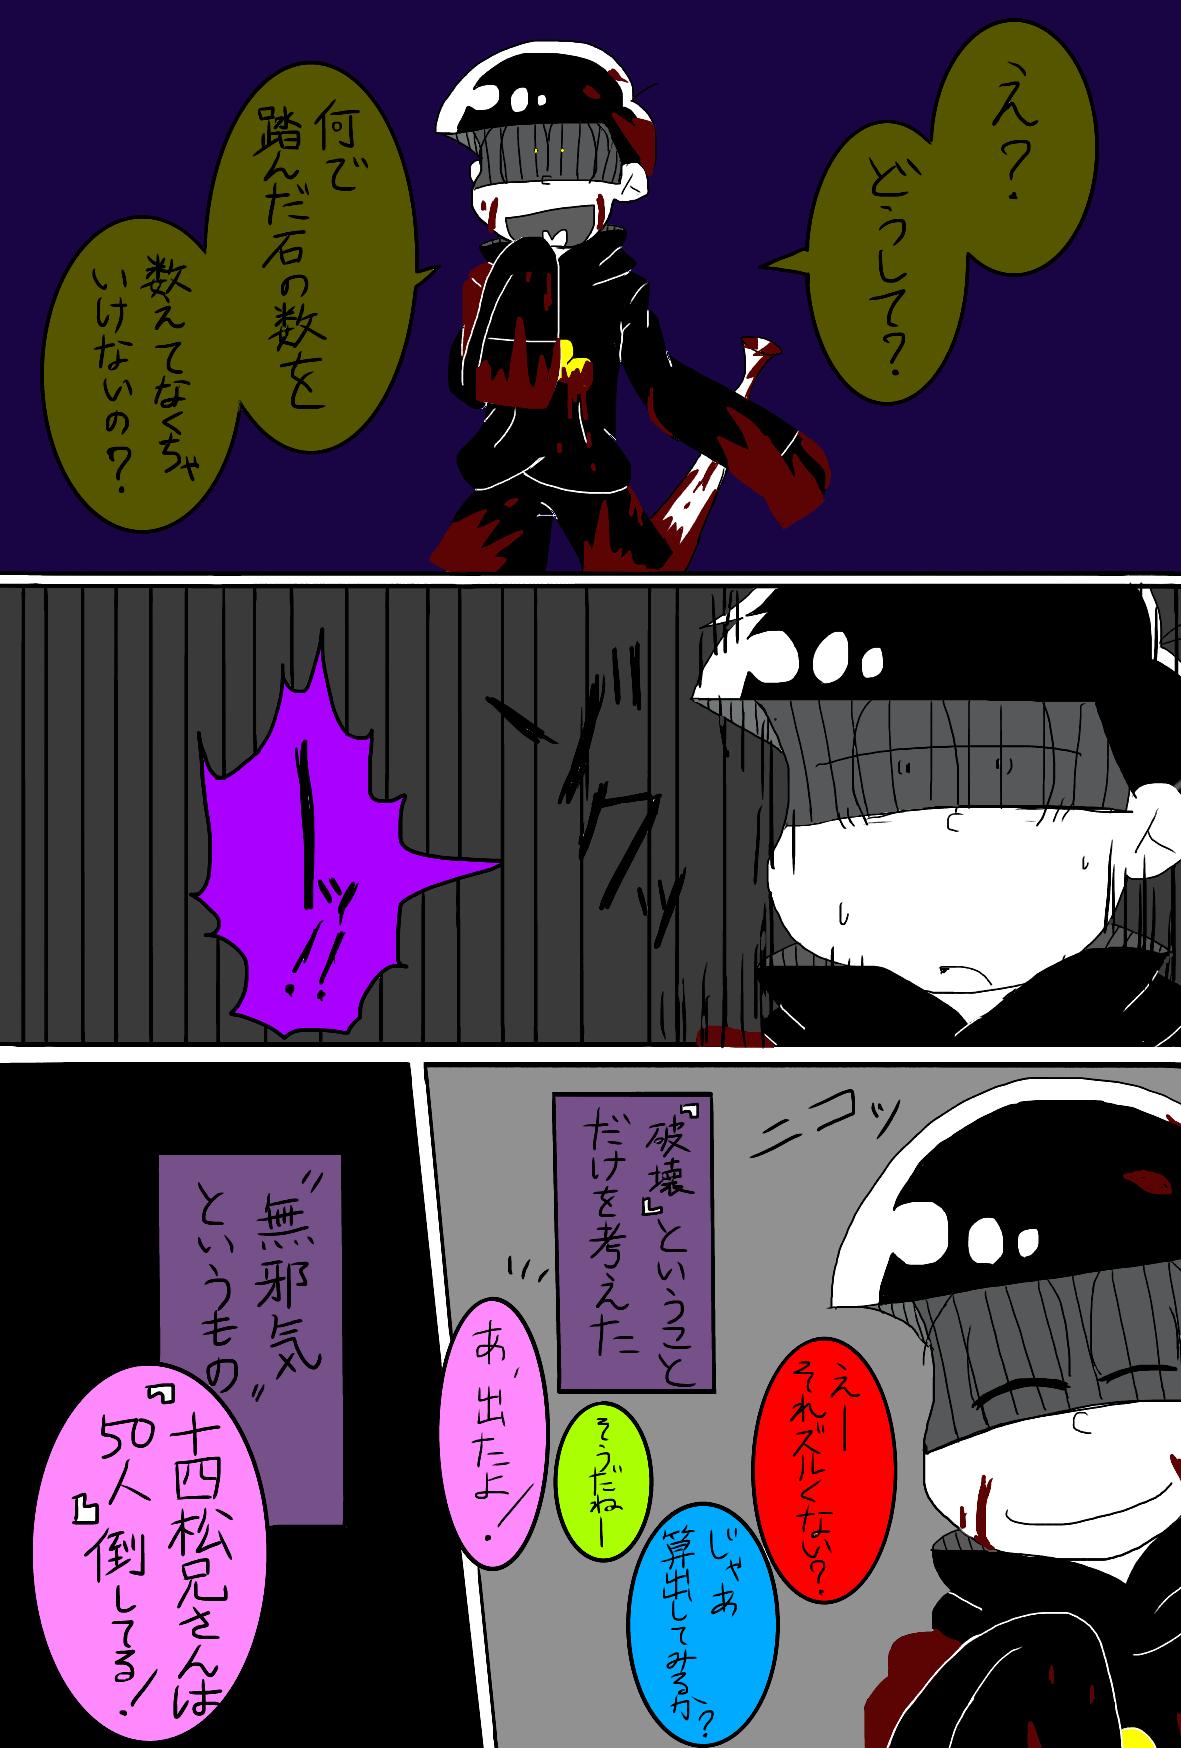 おそ松さん(喧嘩松)】恐ろしいモ...